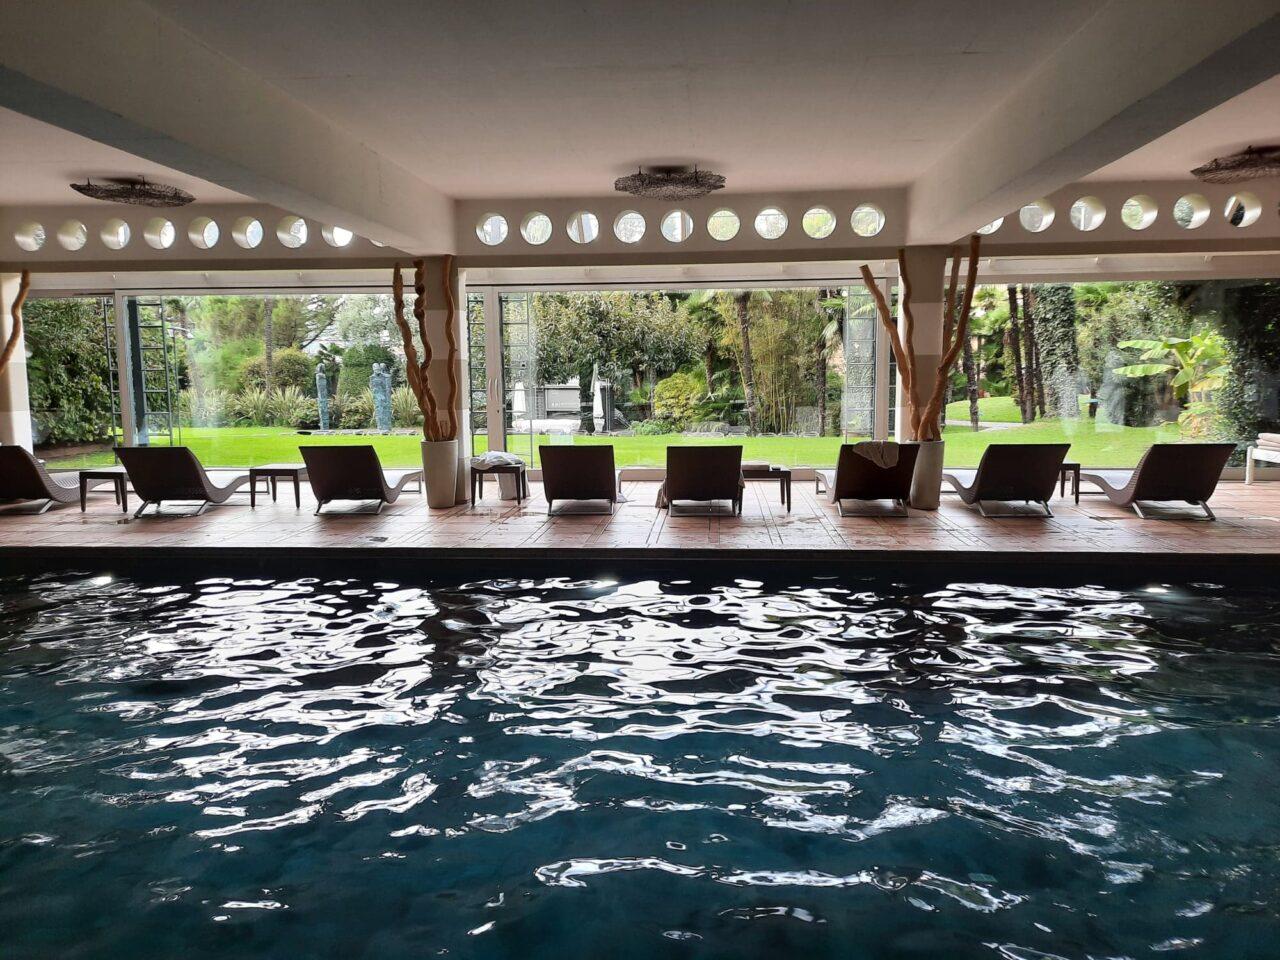 ERLEBNISBERICHT: Dolce far niente ausser mit der Sonne, Natur und Seesicht aus dem Grand Hotel Villa Castagnola geniessen